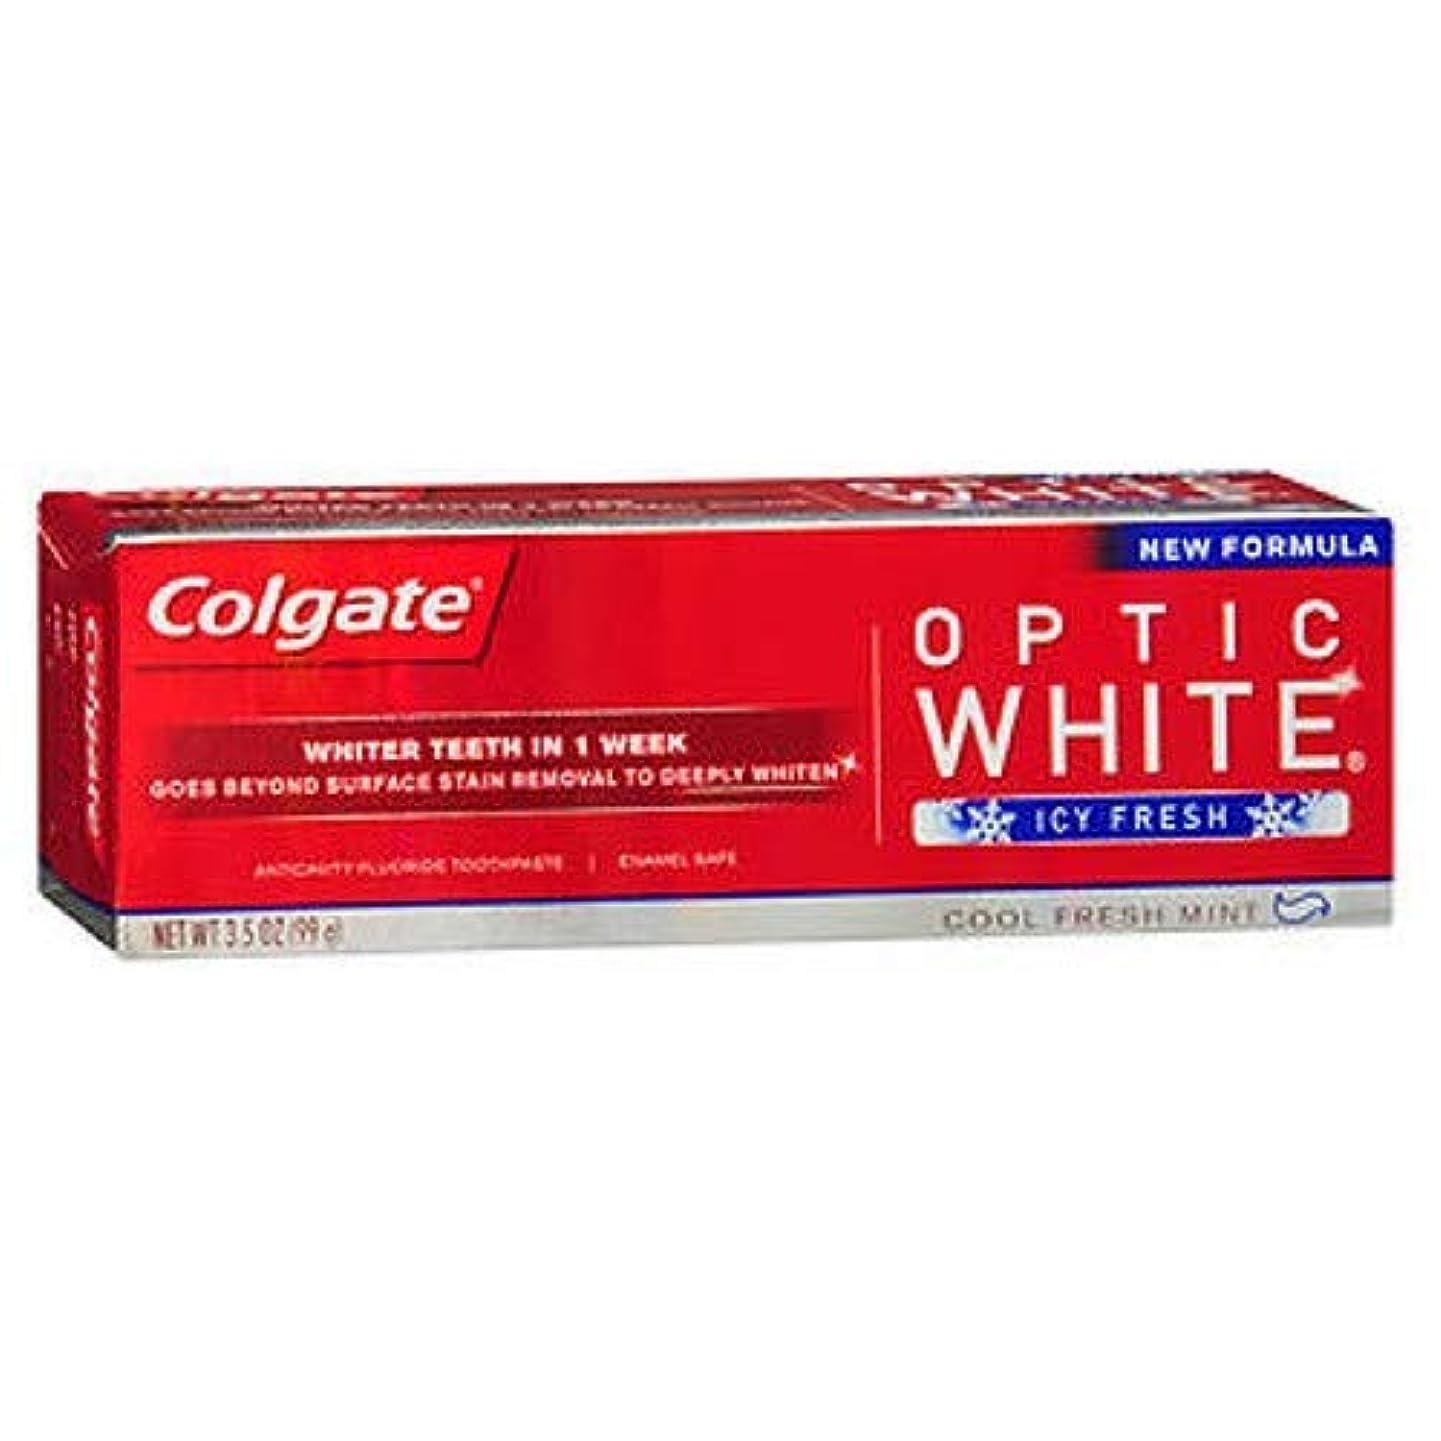 コイン卵ぺディカブColgate Optic White コルゲート Icy Fresh アドバンス ホワイトニング 99g